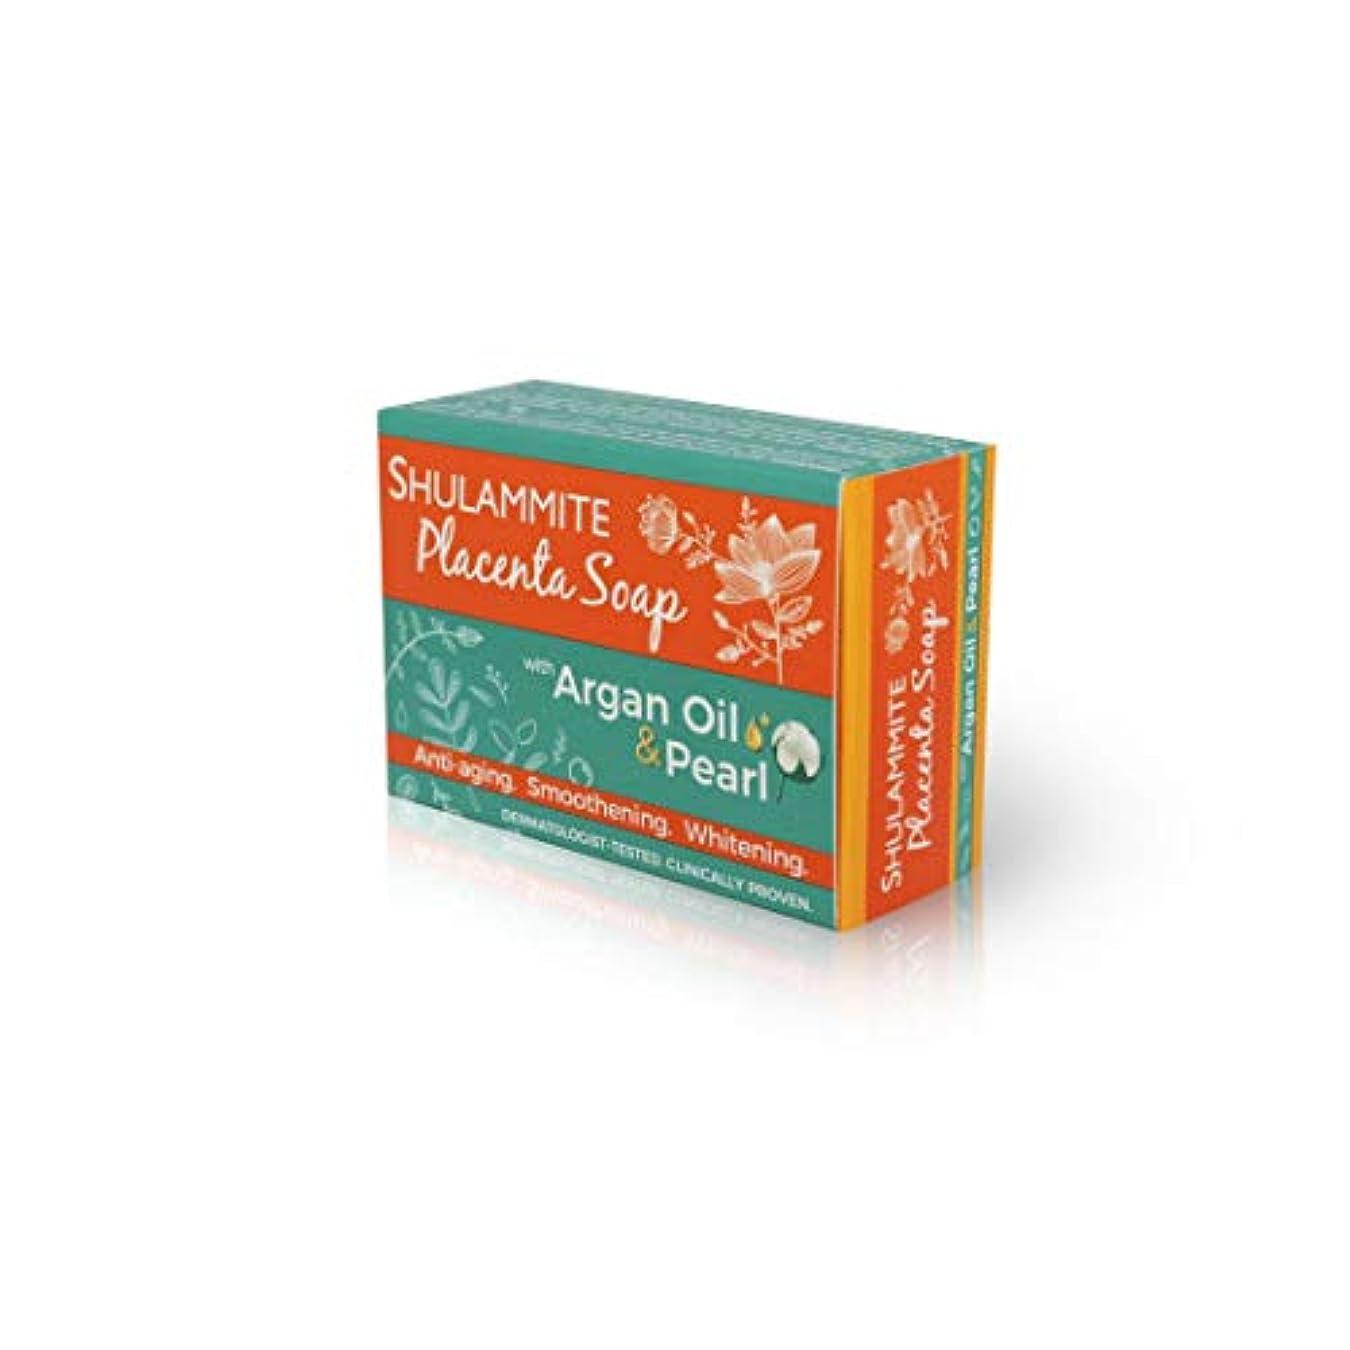 過度のほうき代わりにを立てるSHULAMMITE Placenta Soap with Argan Oil & Pearl/アルガンオイル&パール配合ソープ150g